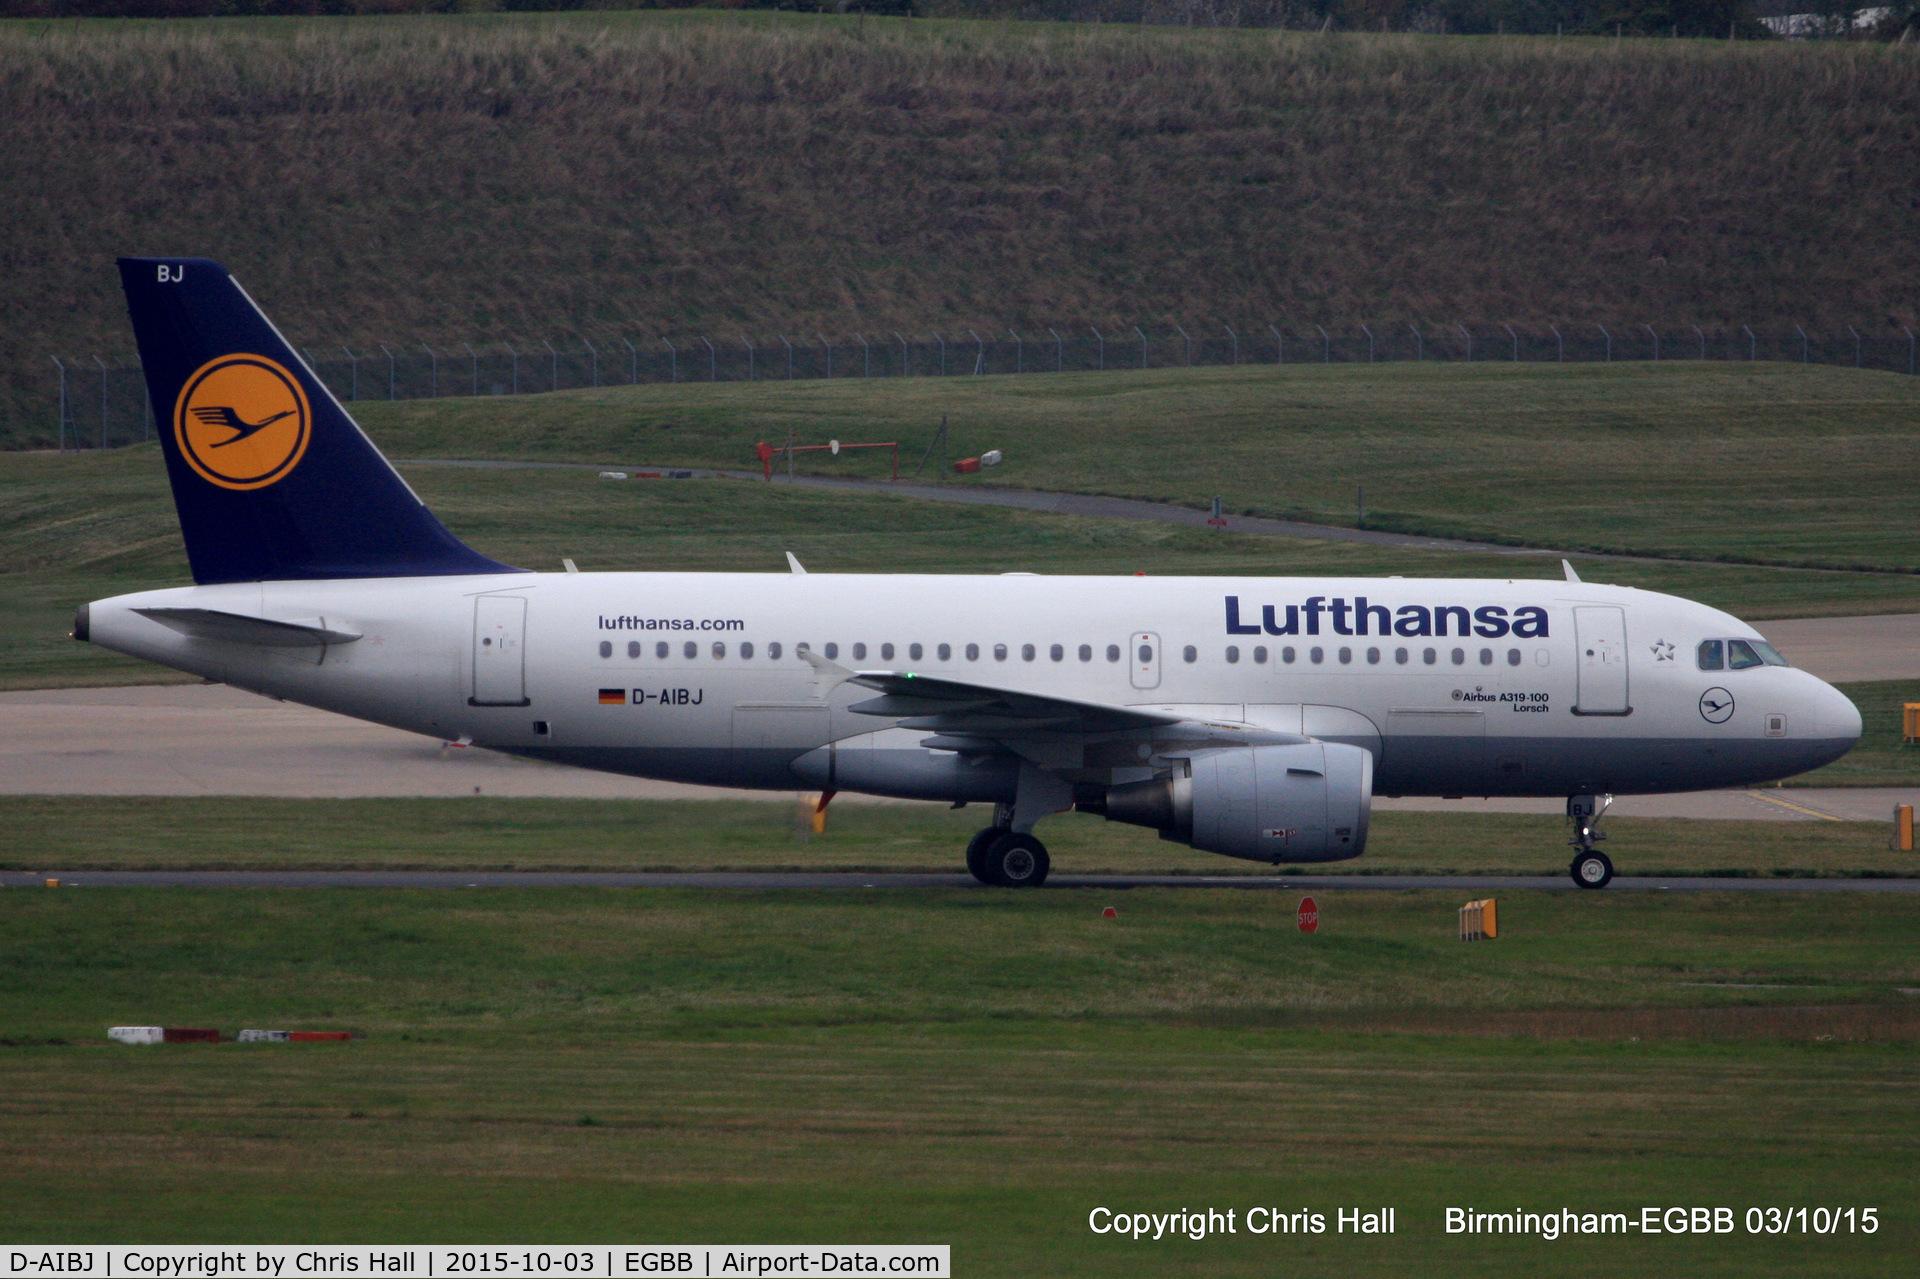 D-AIBJ, 2012 Airbus A319-112 C/N 5293, Lufthansa